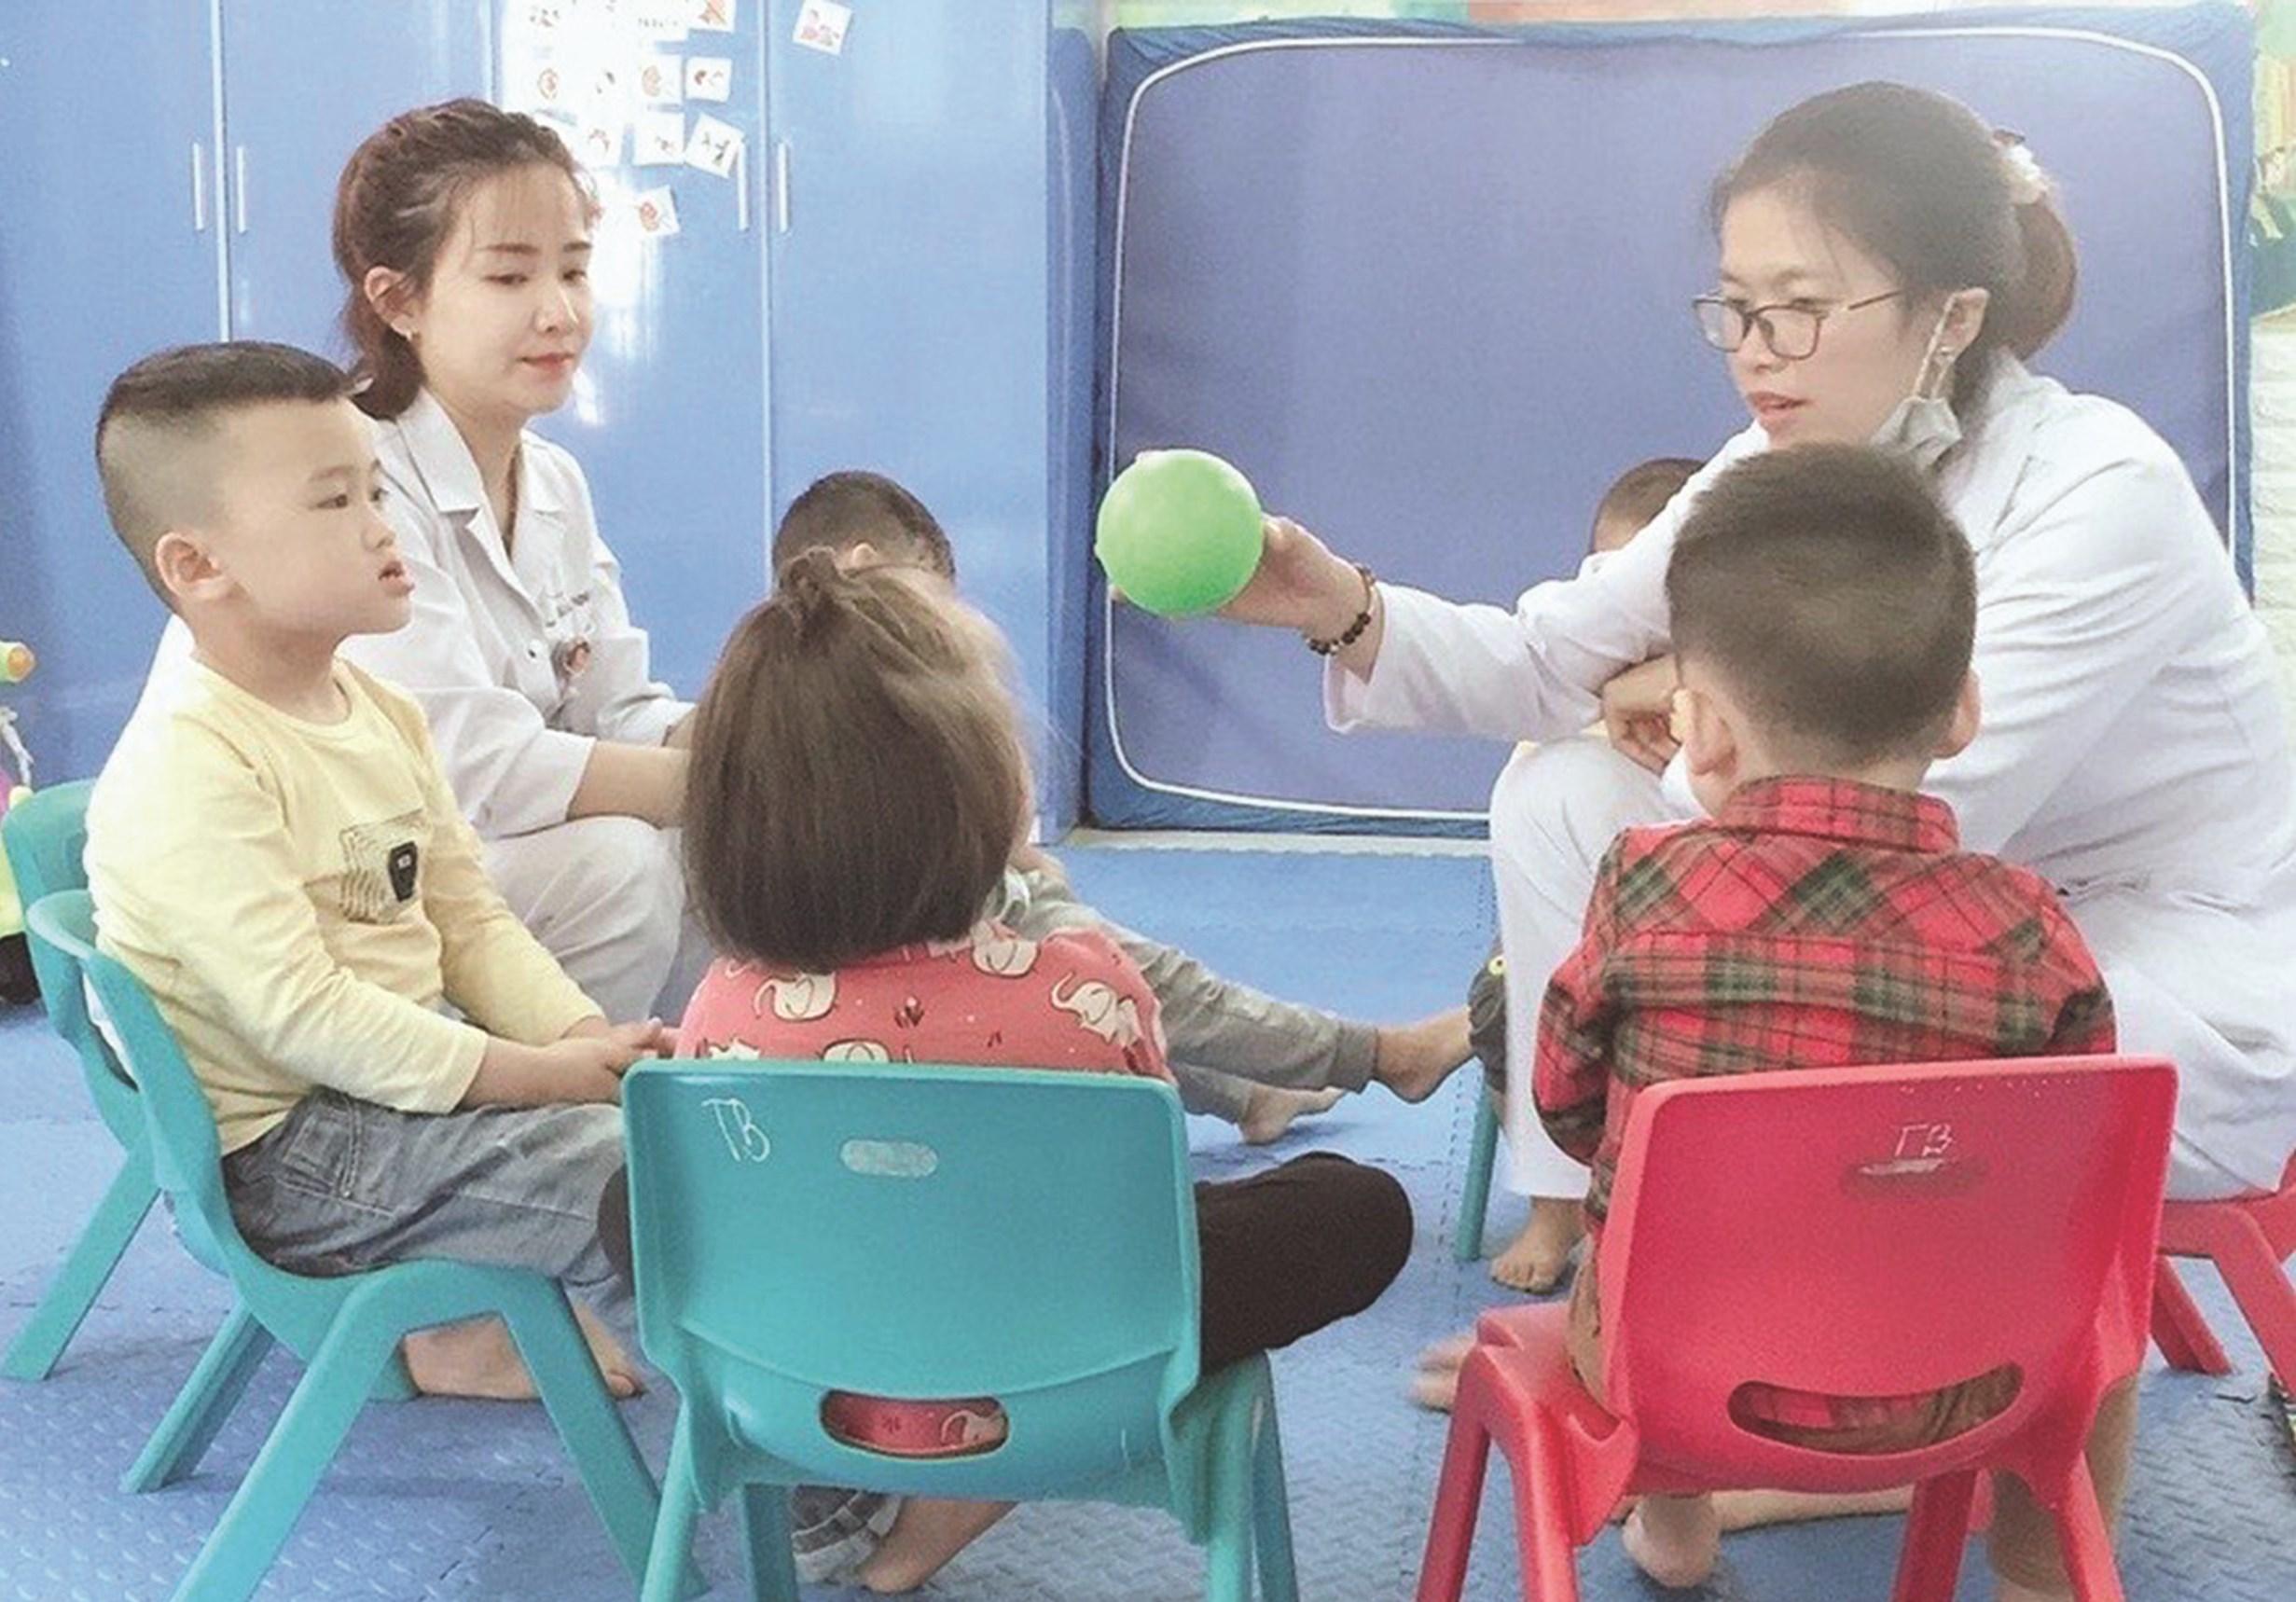 Các bác sĩ đang chẩn đoán bệnh ADHD ở trẻ